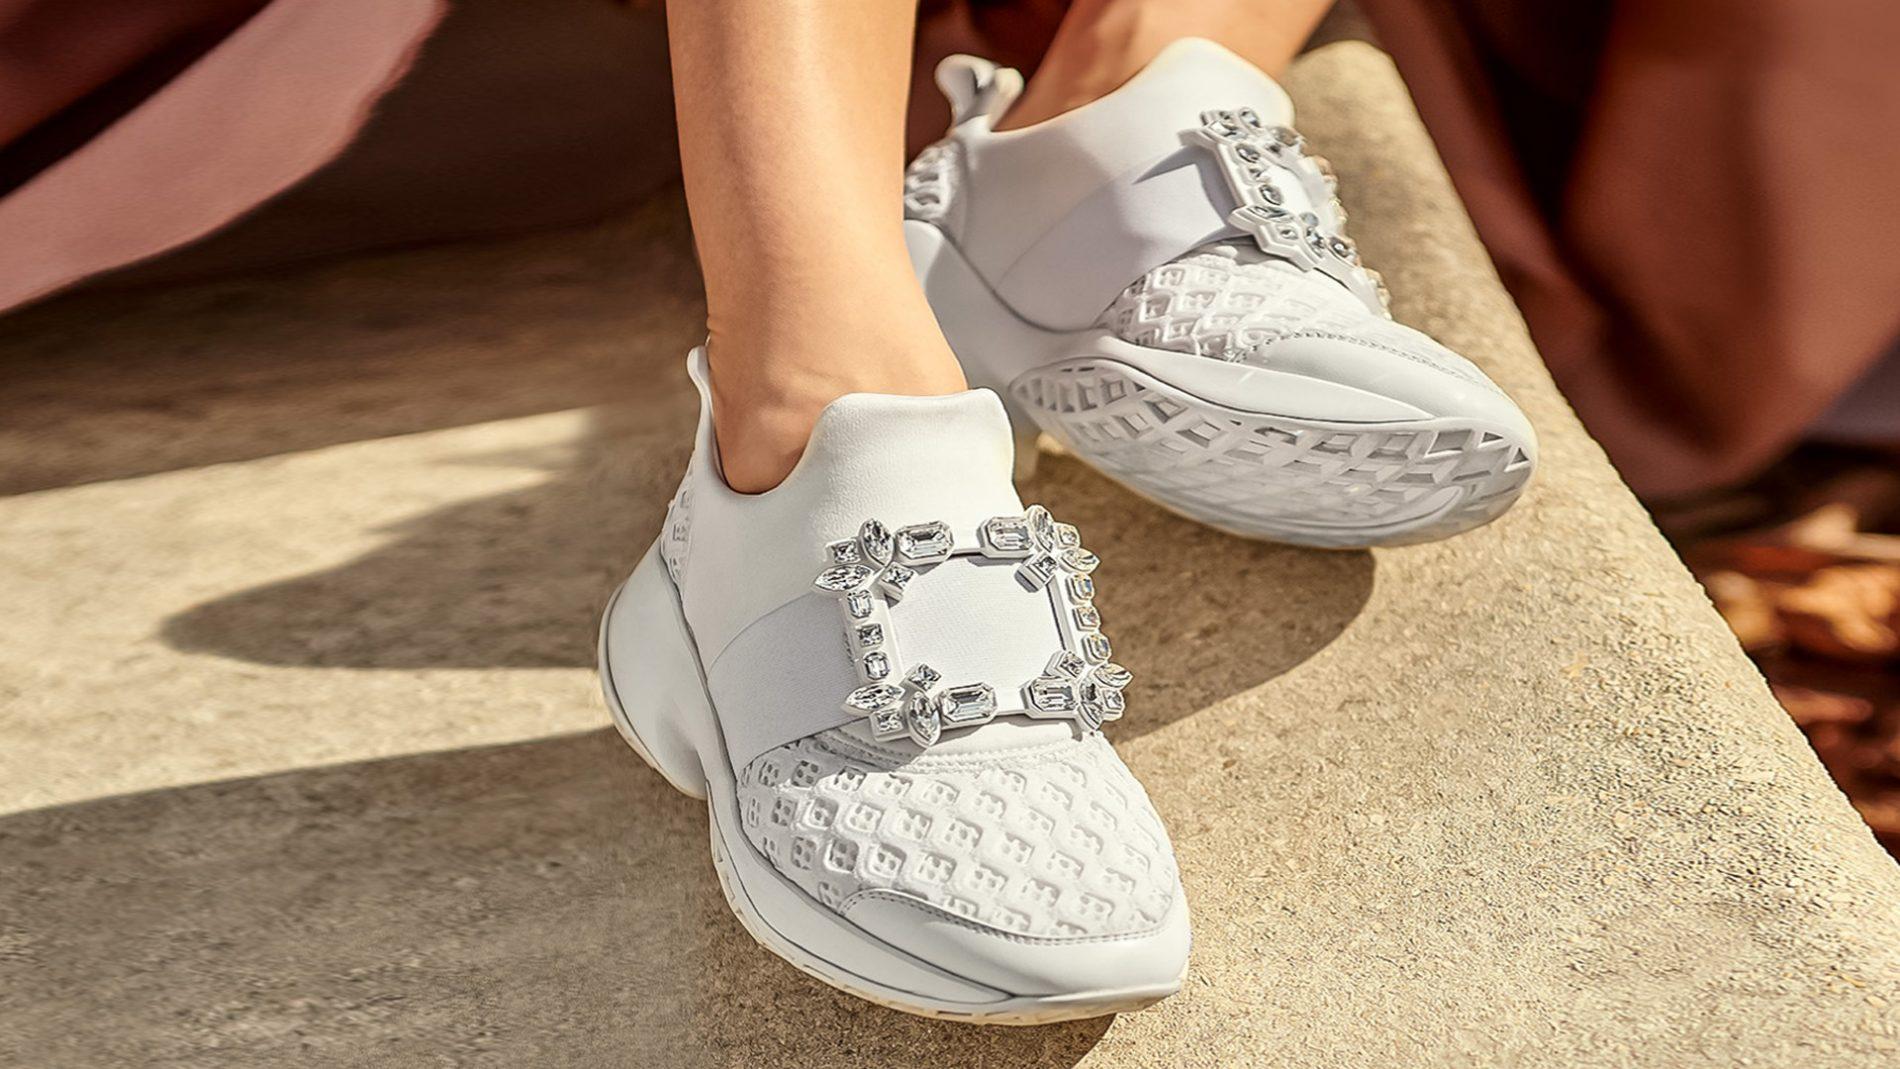 英格列斯设计师鞋履 Roger Vivier 白色运动鞋